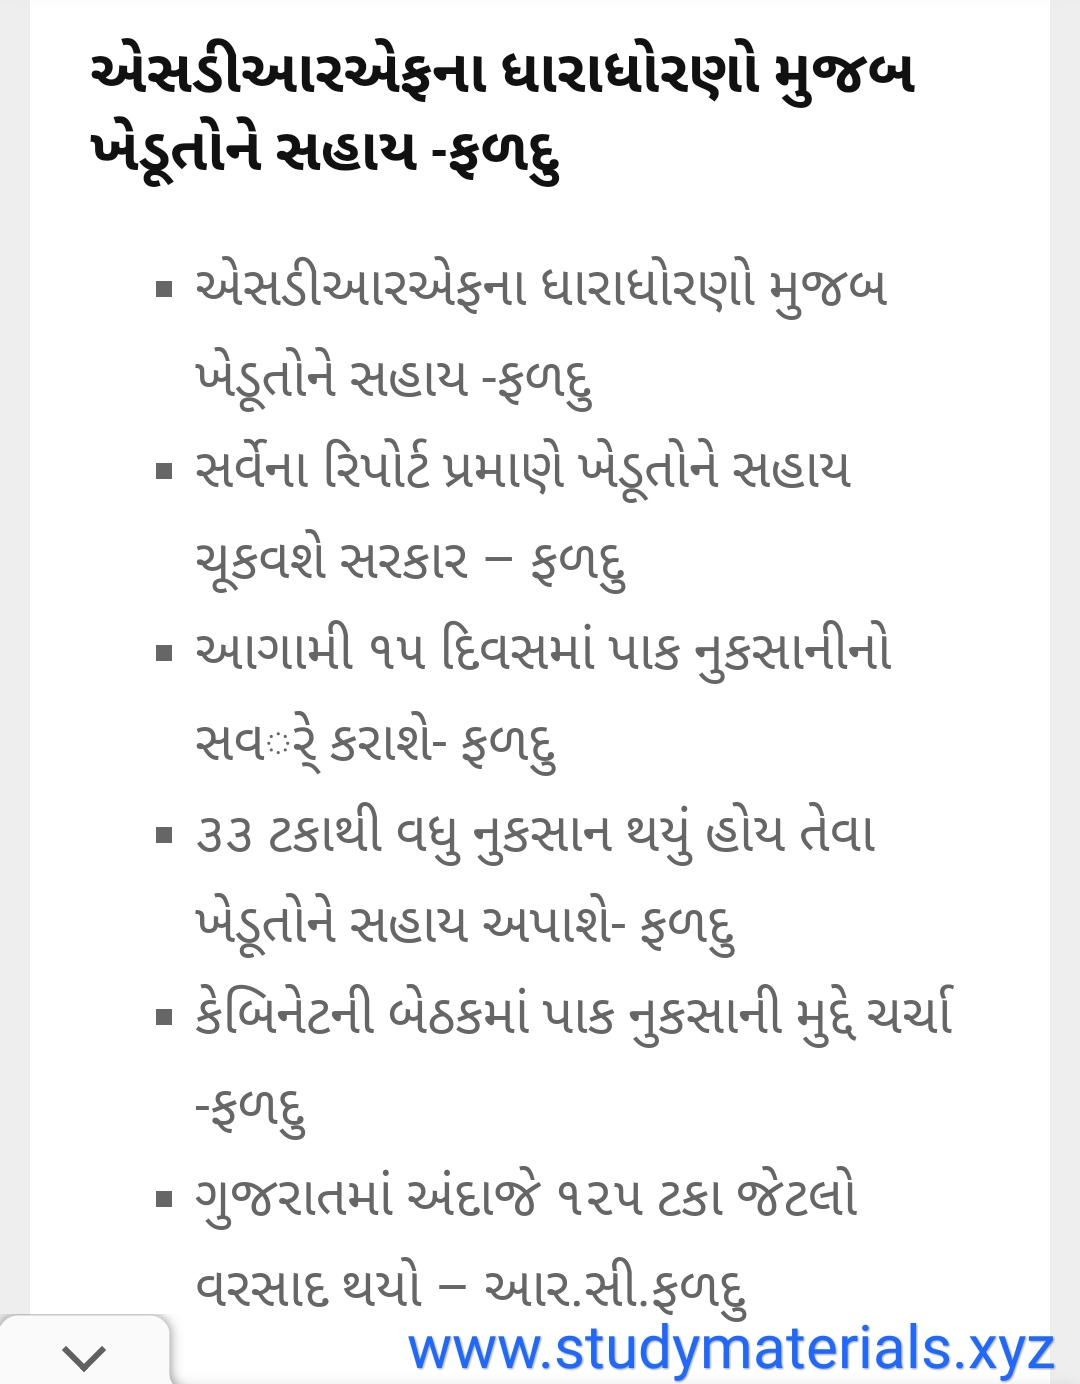 Gujarat pak nisfal sahayta news 2020